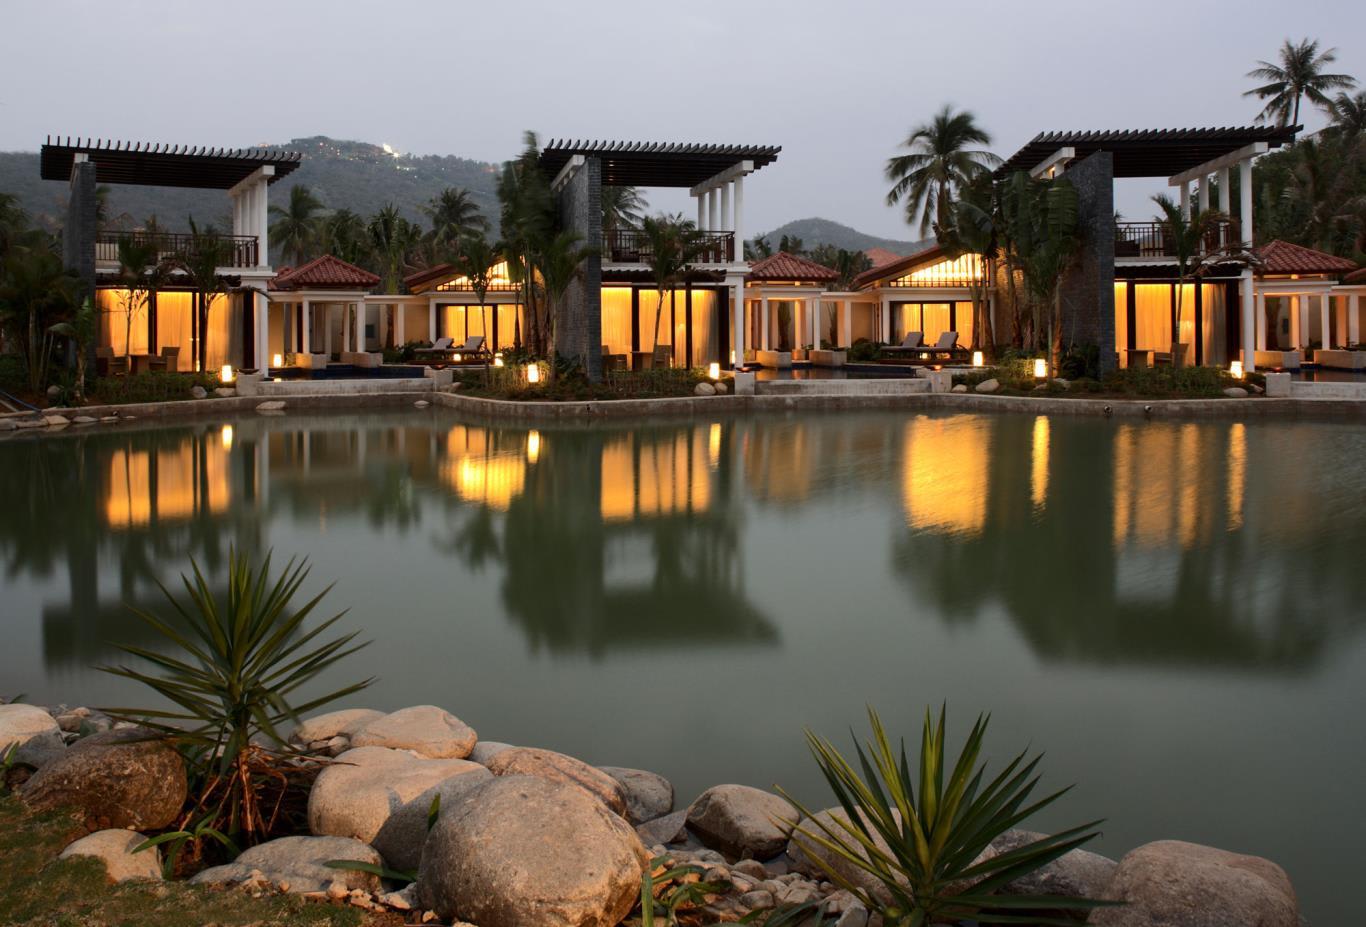 Spa Pool Villa Exterior